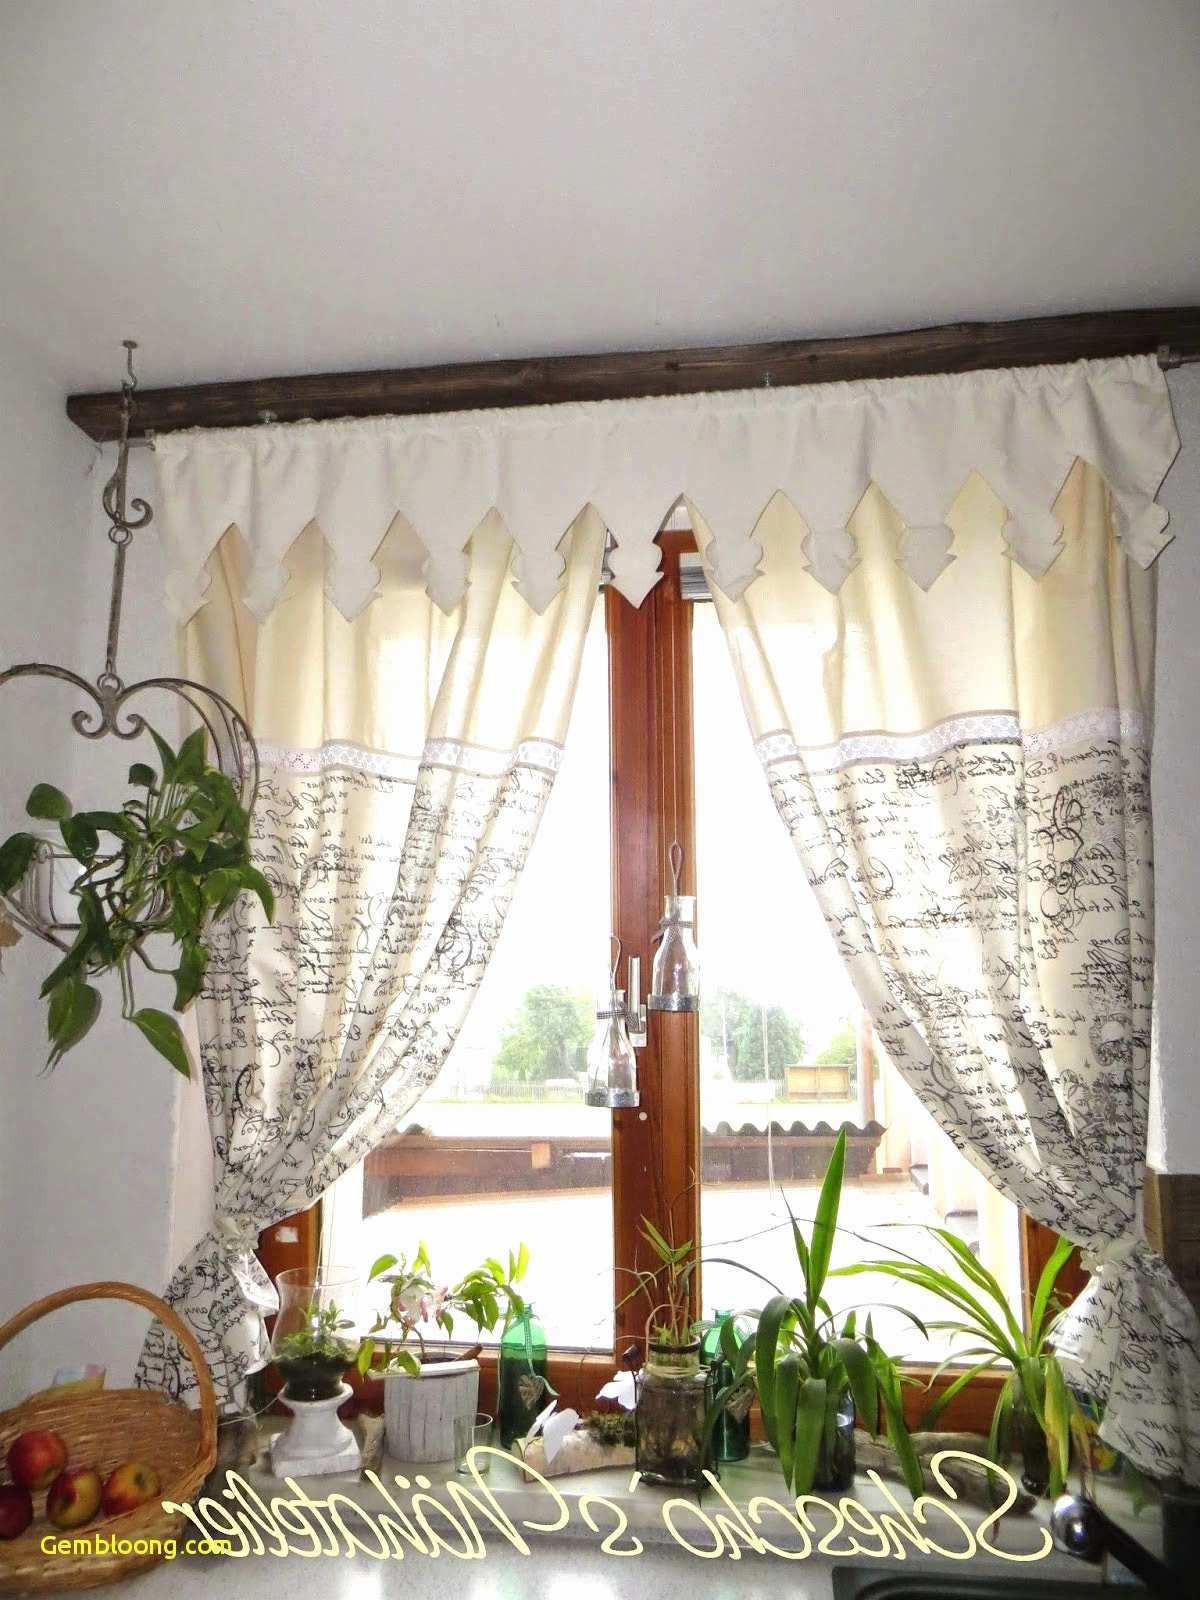 Full Size of Fensterdekoration Gardinen Beispiele Neu 50 Beste Von Fensterdeko Küche Fenster Für Schlafzimmer Wohnzimmer Scheibengardinen Die Wohnzimmer Fensterdekoration Gardinen Beispiele